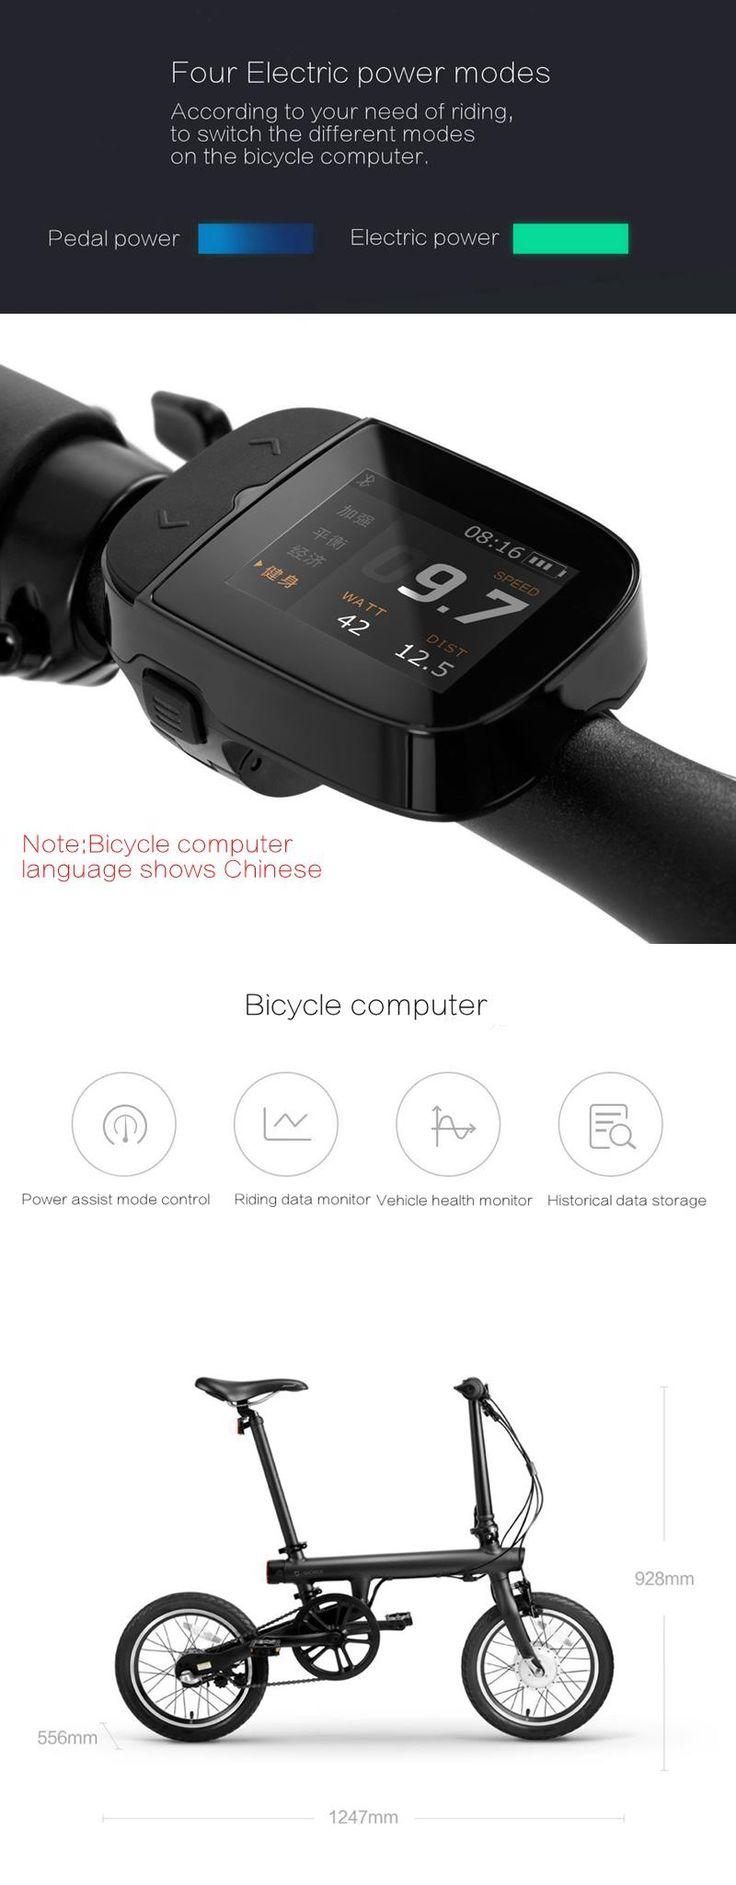 Xiaomi Smart Electric Power vouwfiets Bluetooth 4.0 Smart fiets met voor- en achterlicht Folding pedalen ondersteuning voor APP aluminiumlegering